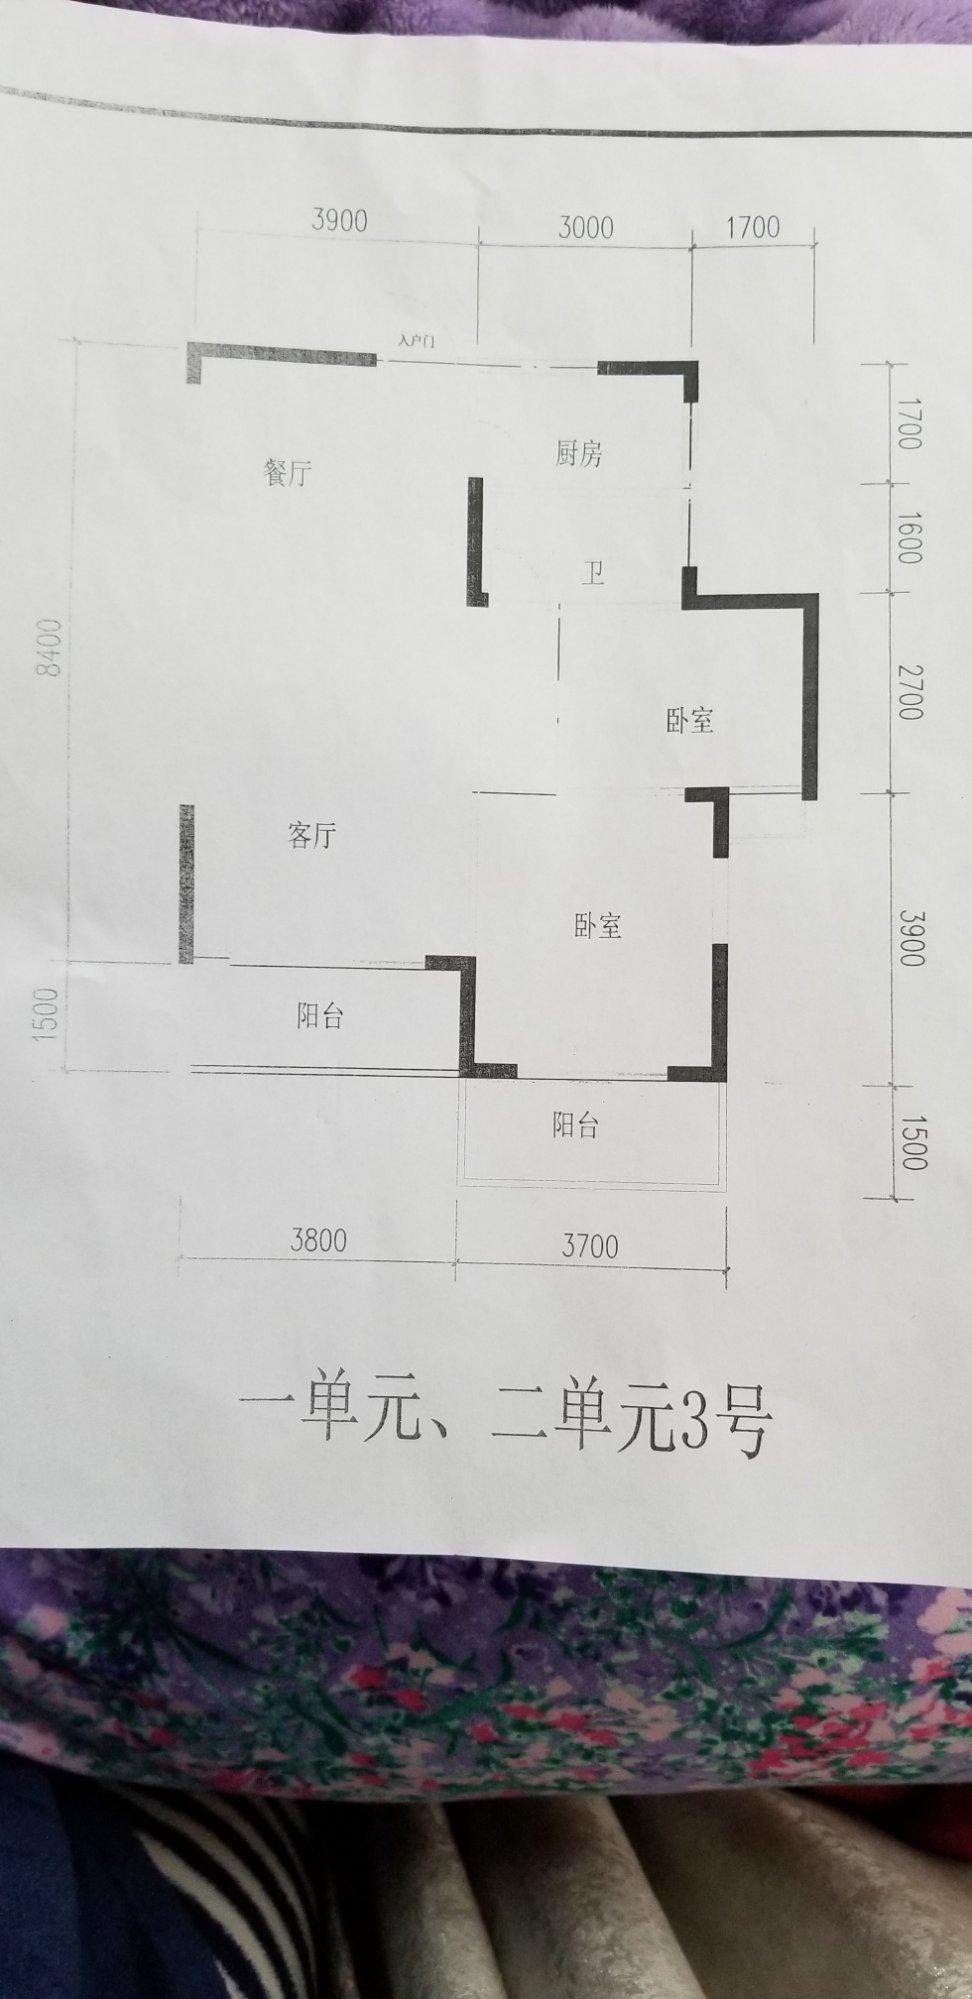 这个户型我想在客厅隔一个小房间出来,请问怎么隔?怎么装修?